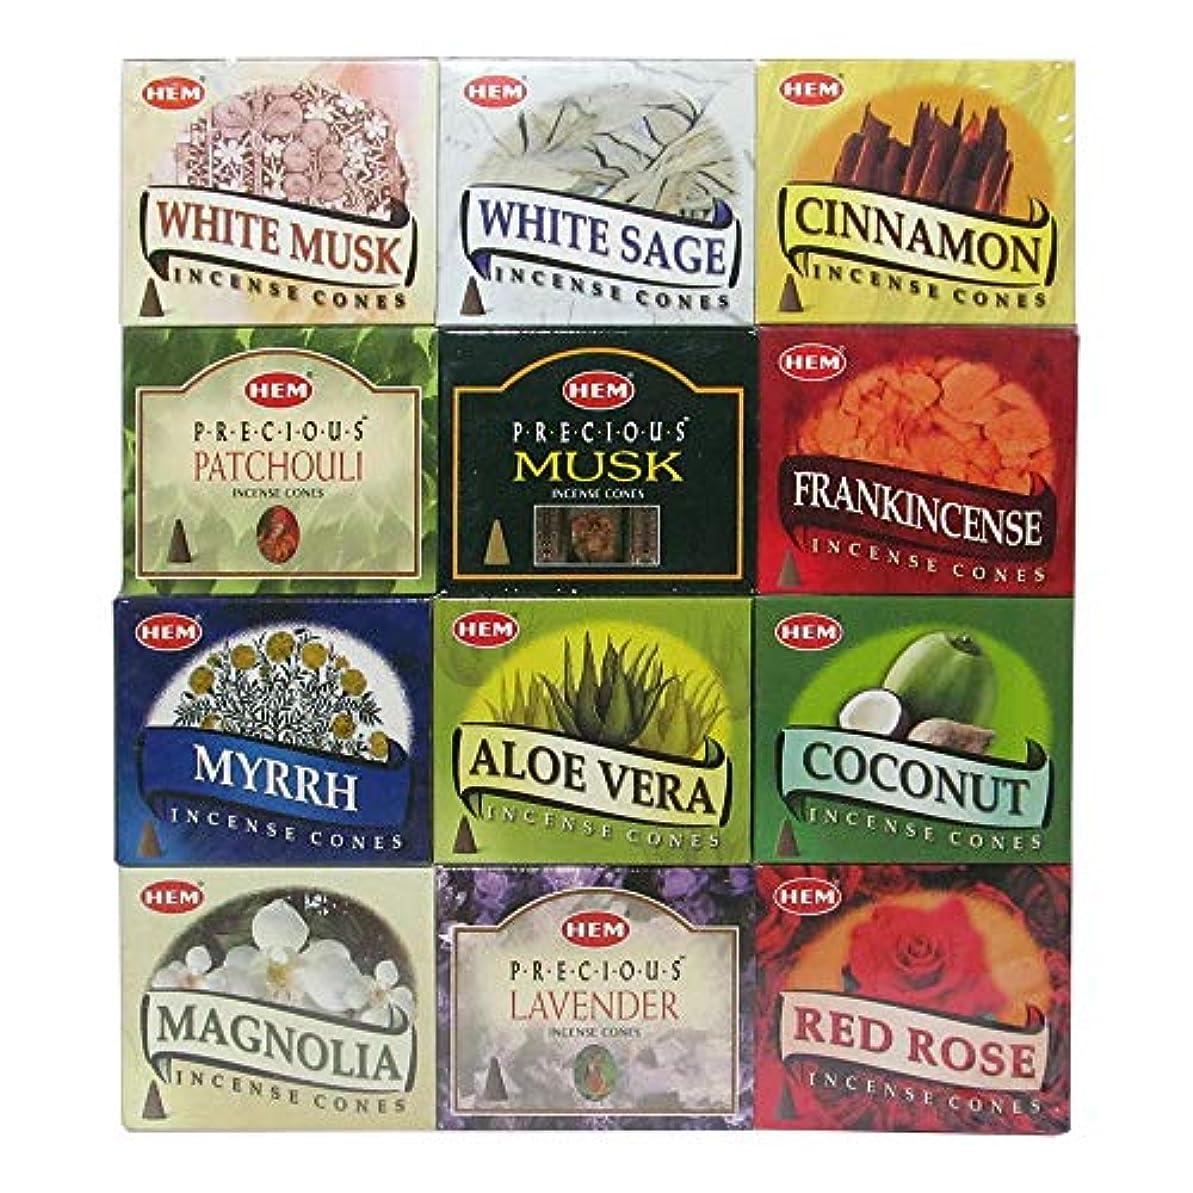 流行しているスポーツマン素晴らしき12 Assorted Boxes of HEM Incense Cones, Best Sellers Set 12 X 10 (120 total)